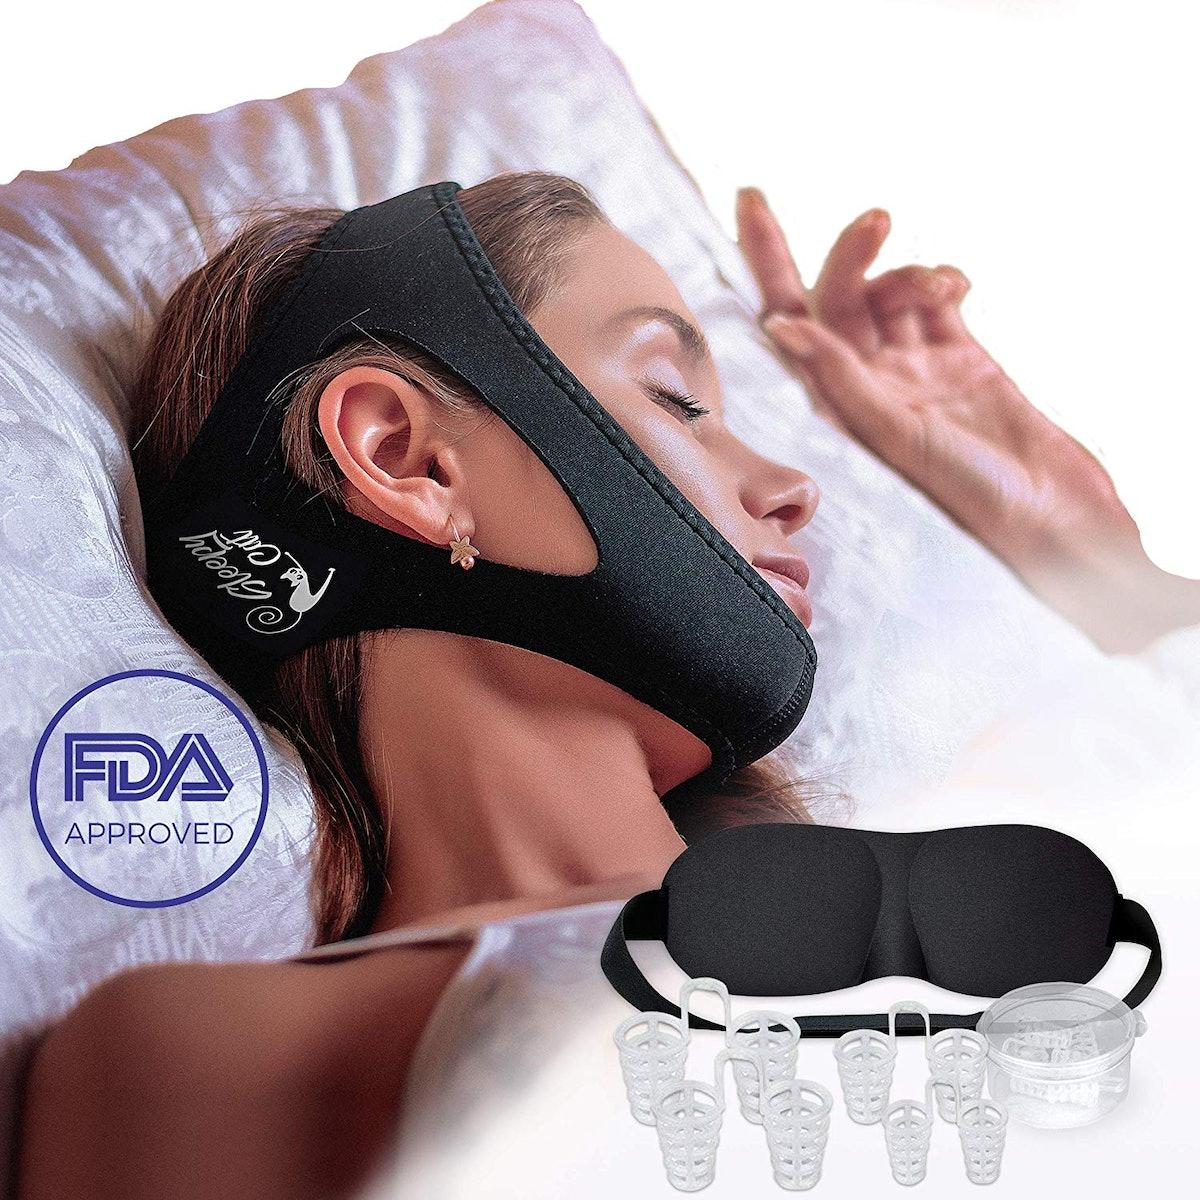 Breathe Right Anti-Snoring Chin Strap